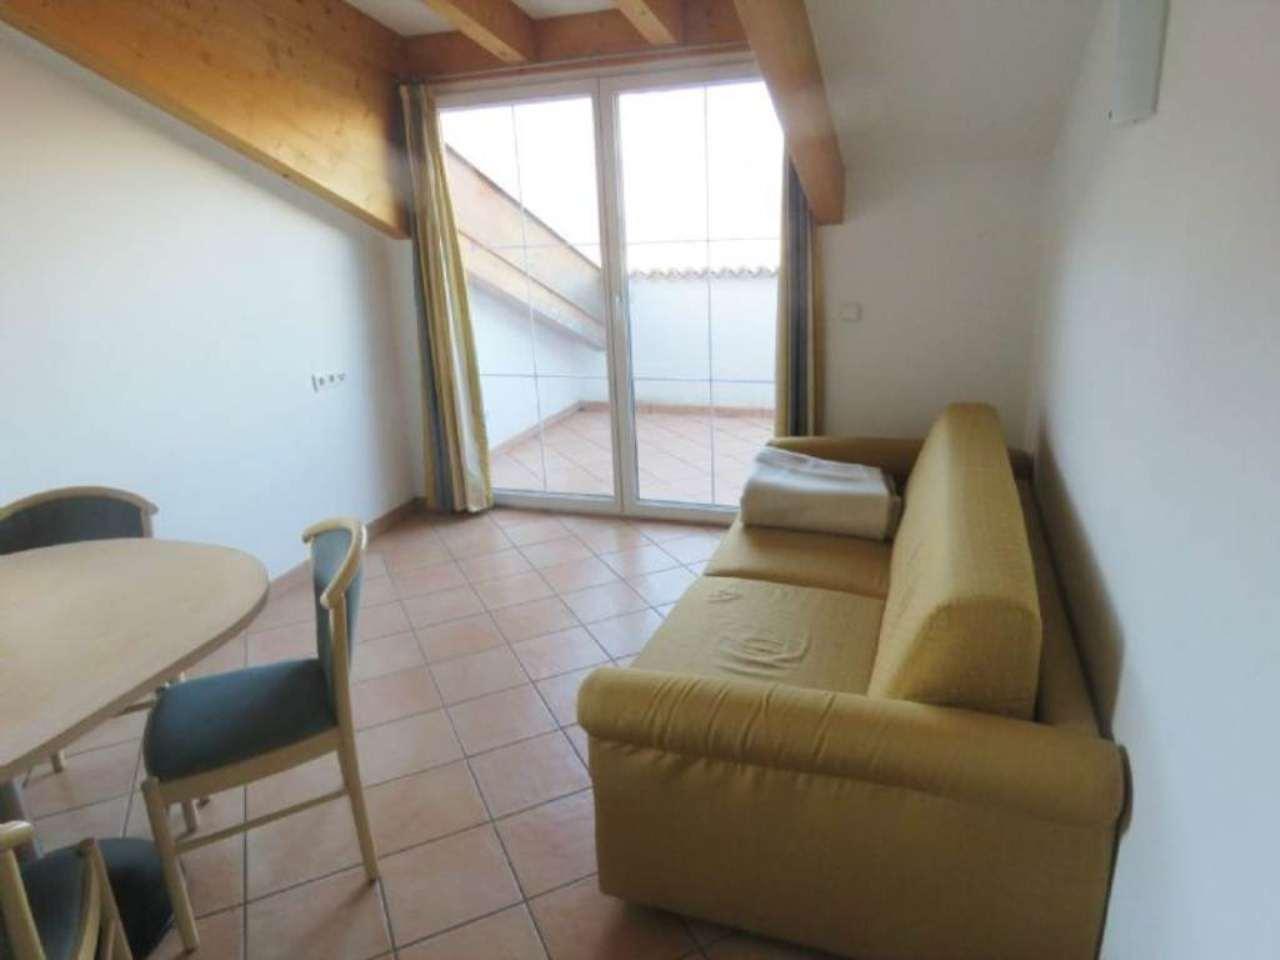 Attico / Mansarda in vendita a Montagna, 2 locali, prezzo € 170.000 | Cambio Casa.it